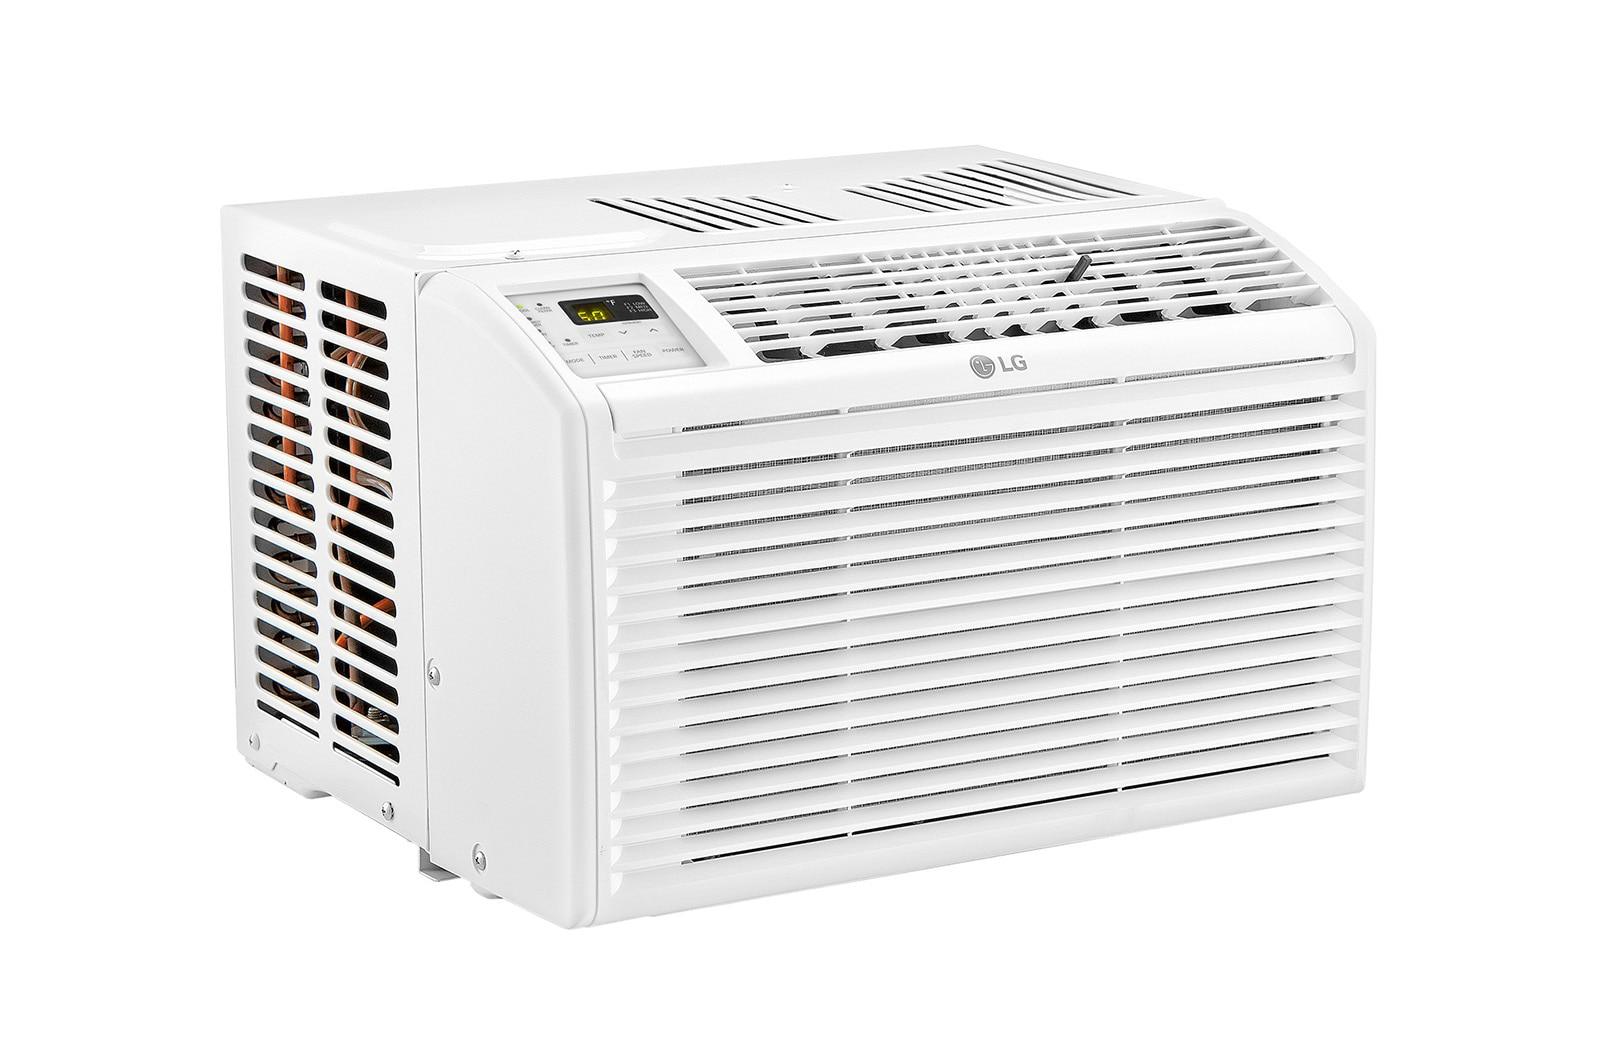 Lg Lw6017r 6000 Btu Window Air Conditioner Lg Usa